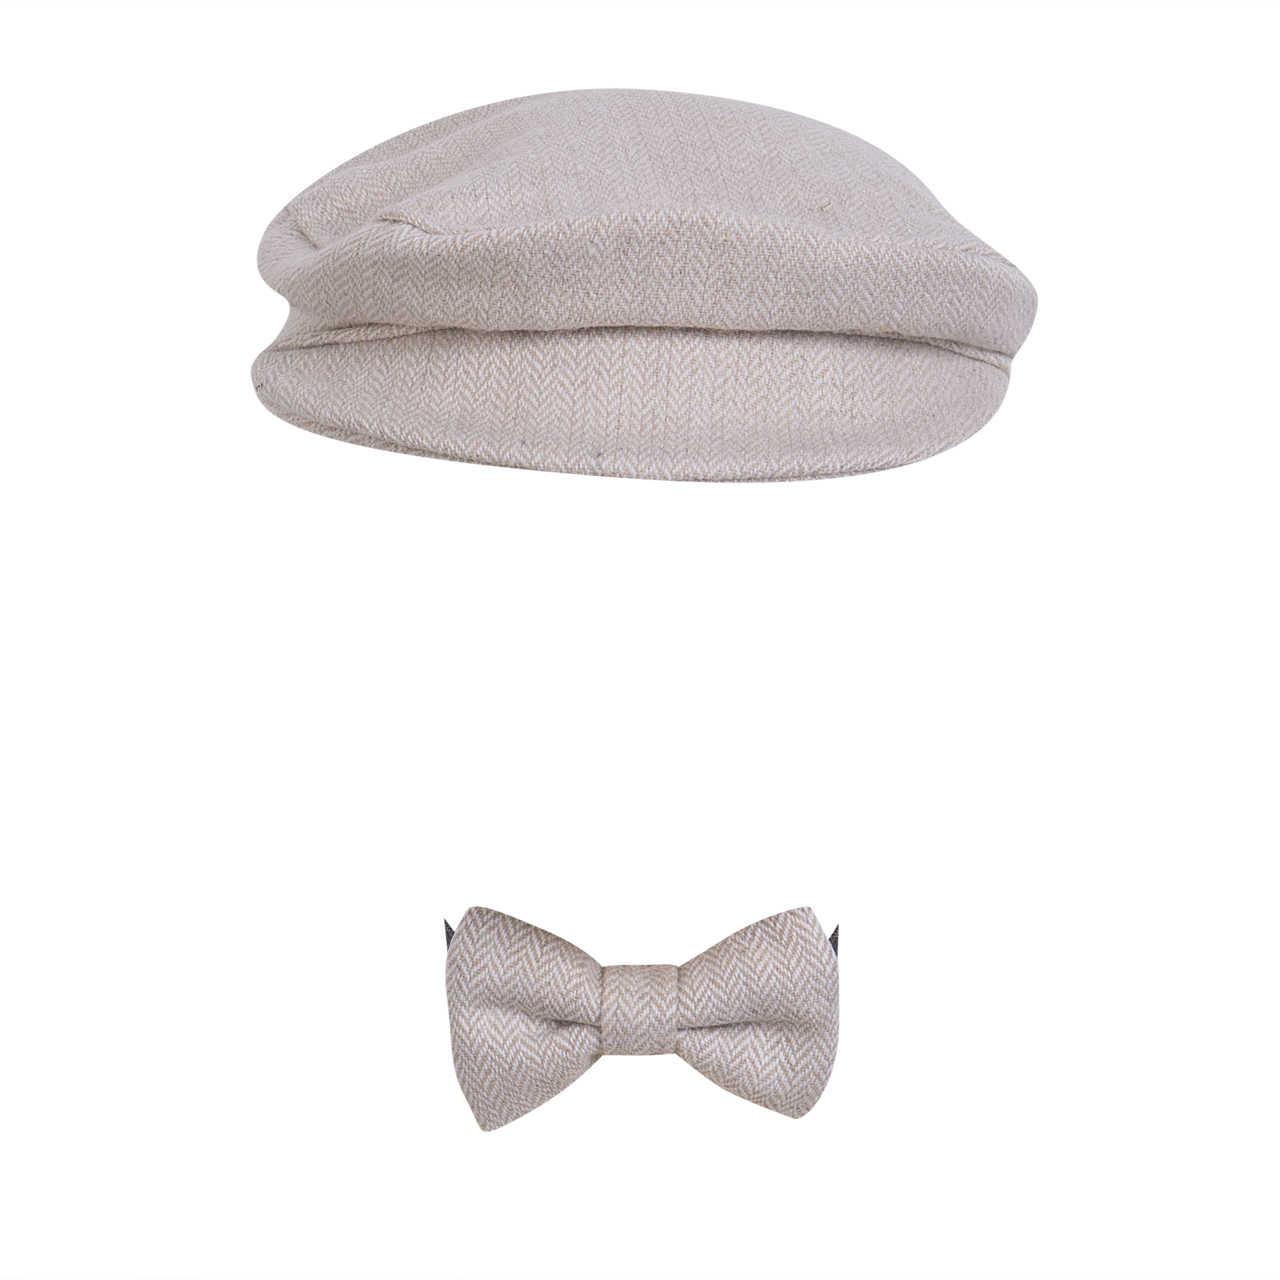 2019 ขายร้อนทารกแรกเกิดคุณภาพสูง Peaked หมวกหมวกหมวก + Bow Tie Photo การถ่ายภาพ Prop ชุด 6 สี